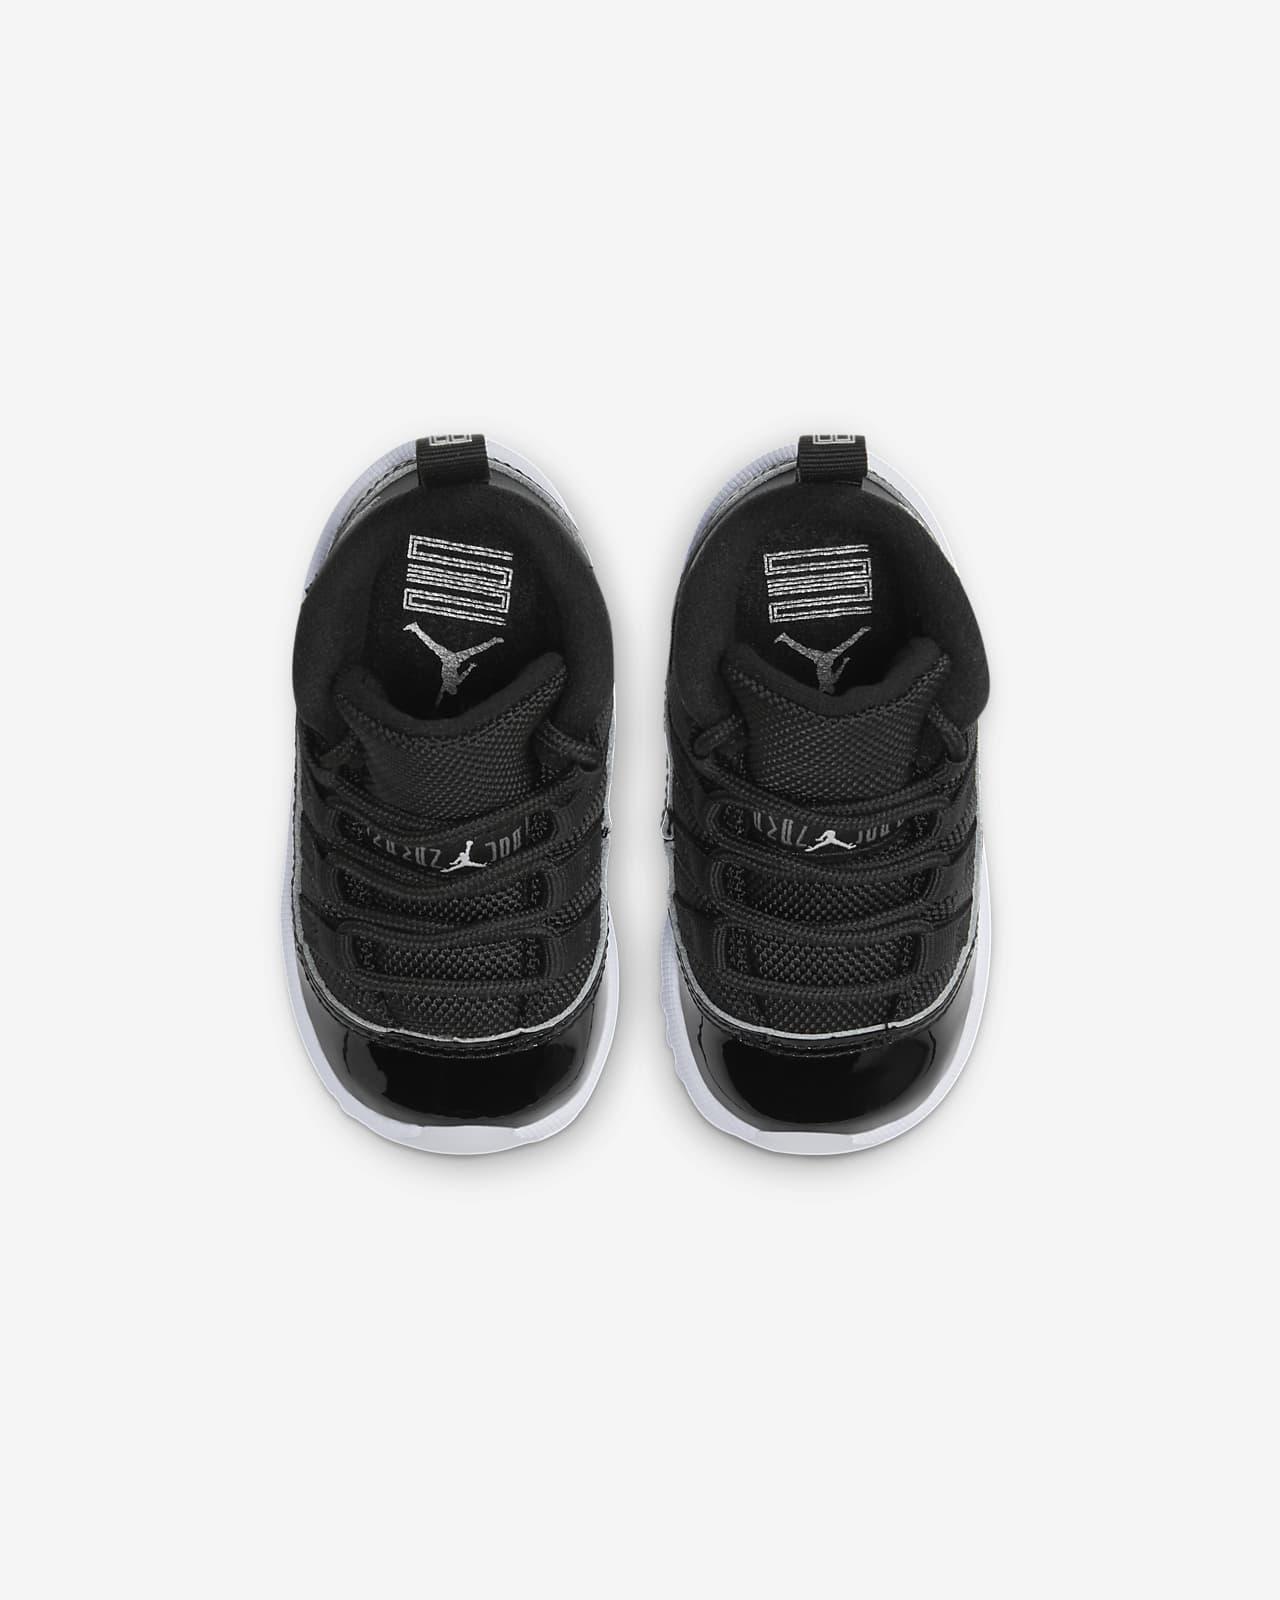 Chaussure Air Jordan 11 Retro 3/4 pour Bébé/Petit enfant. Nike LU